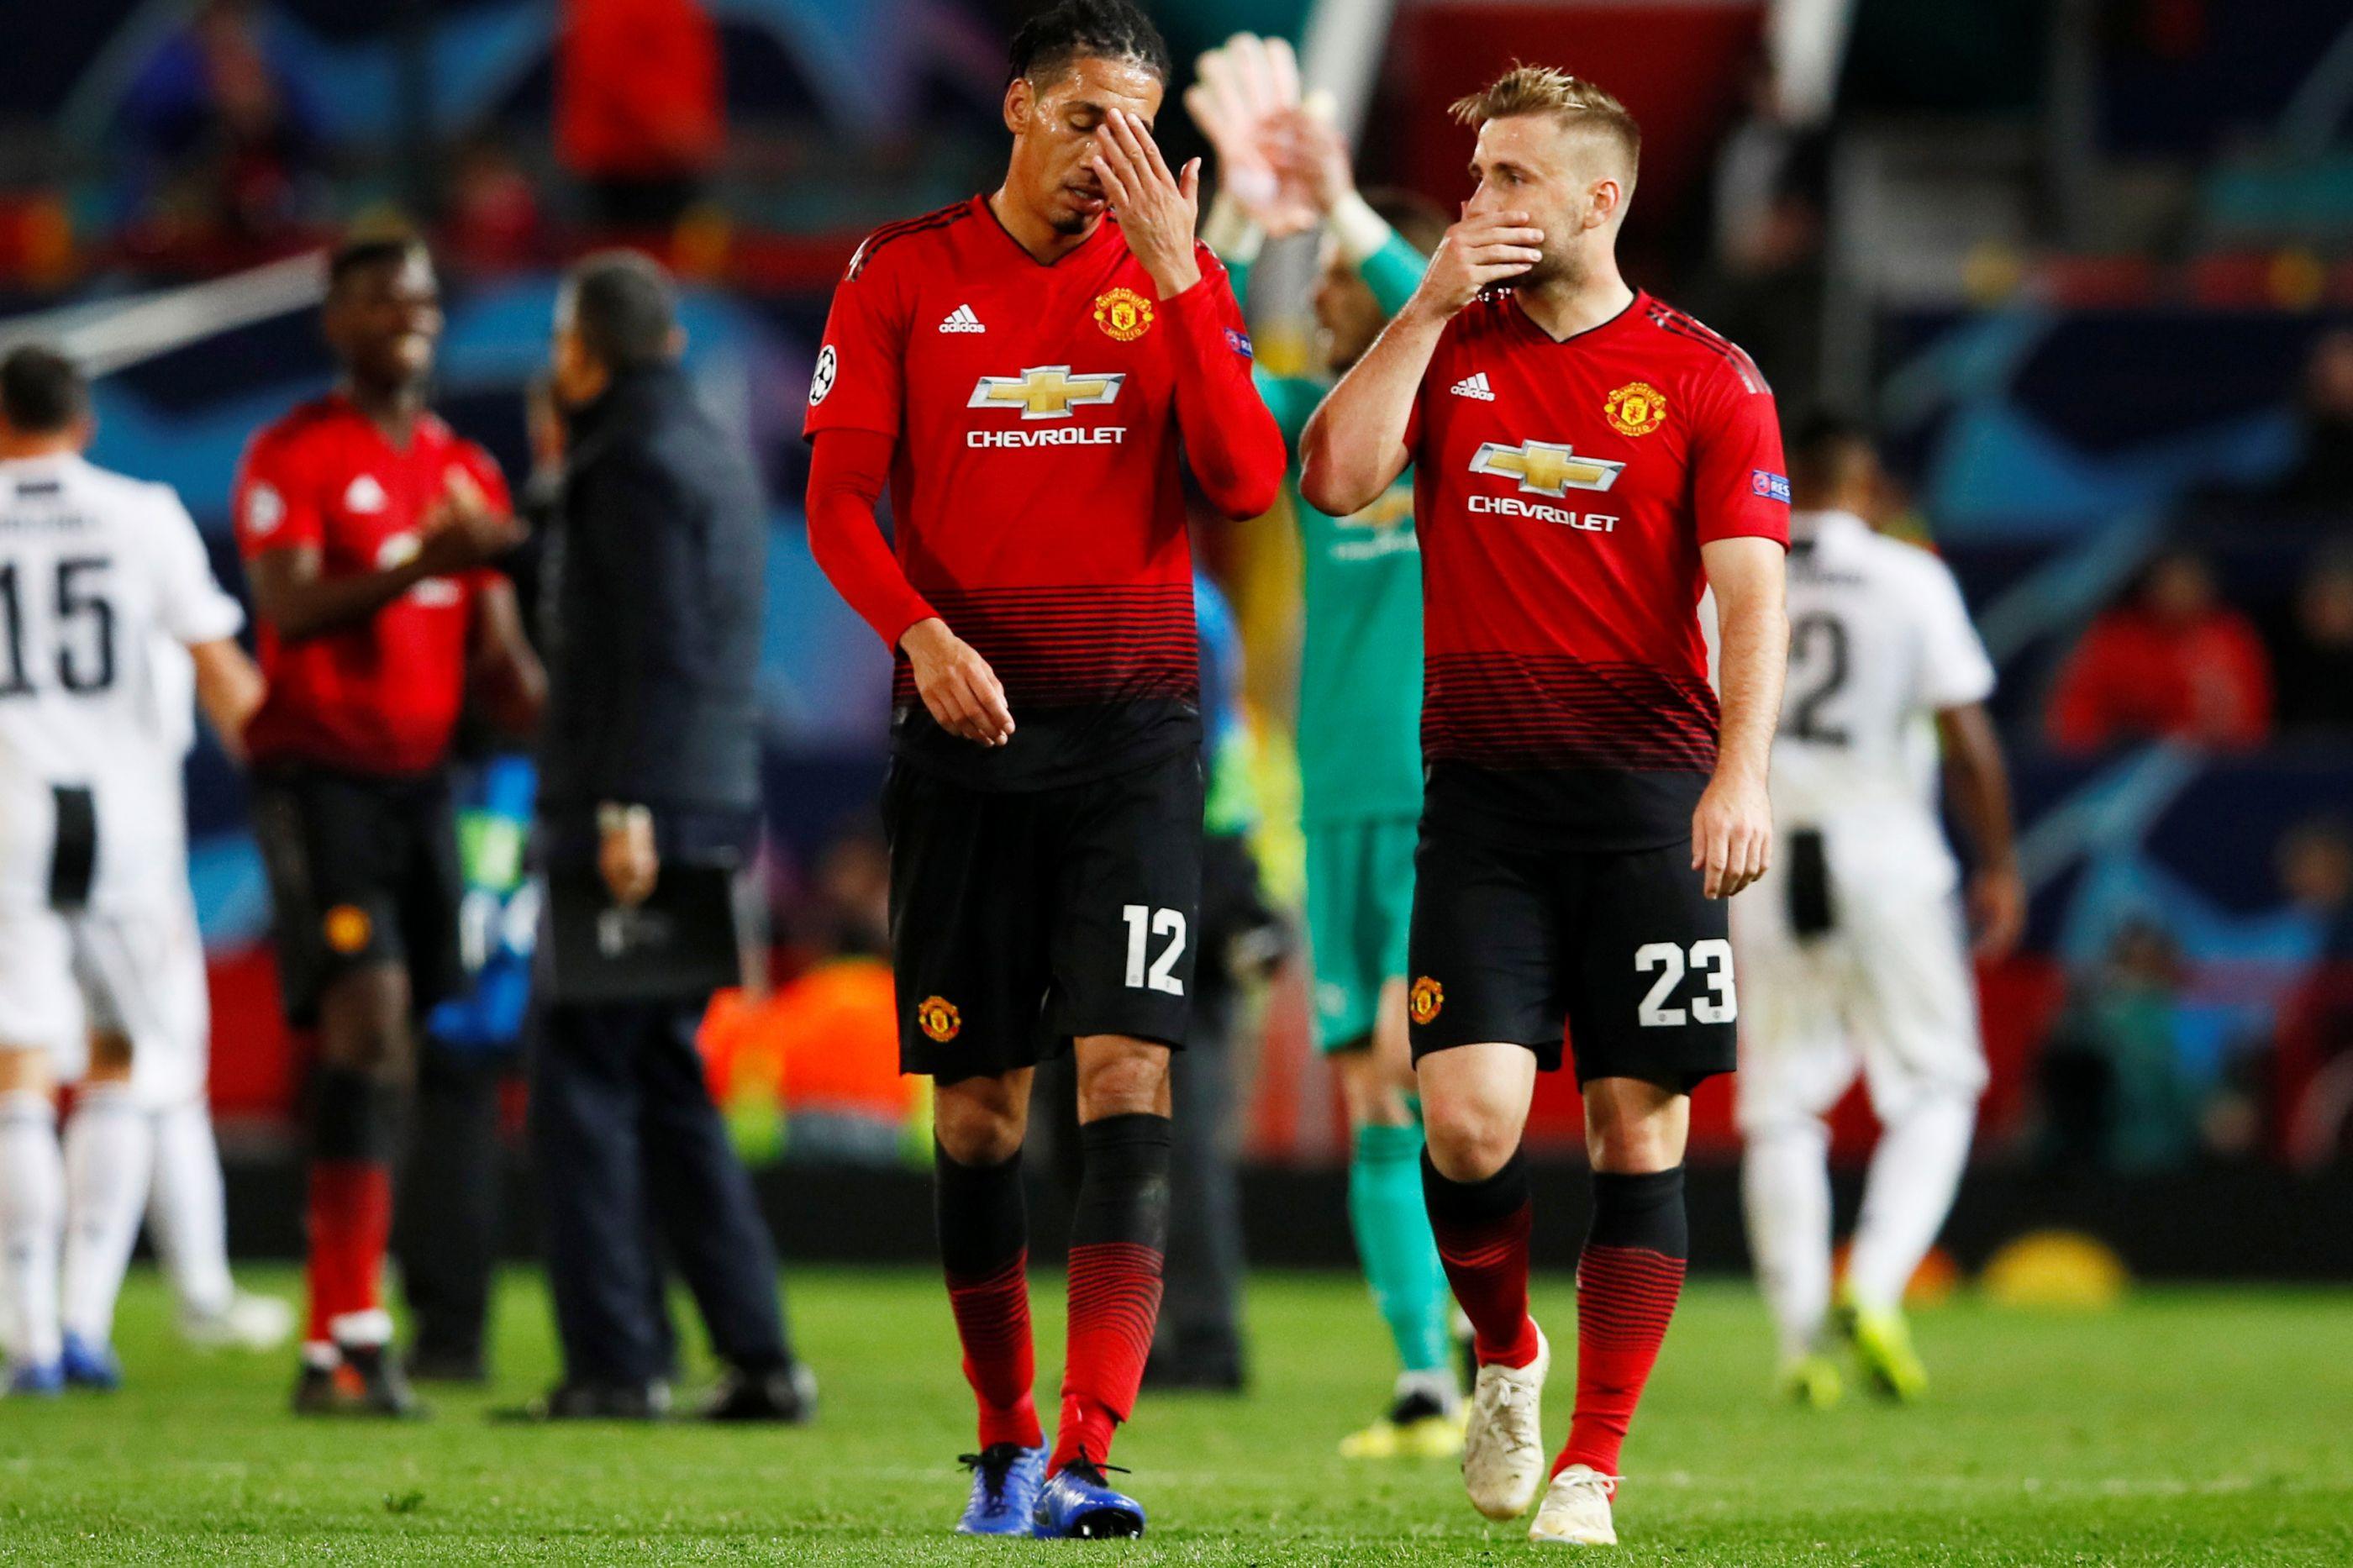 Nova polémica no United: Jogadores falham compromissos em protesto